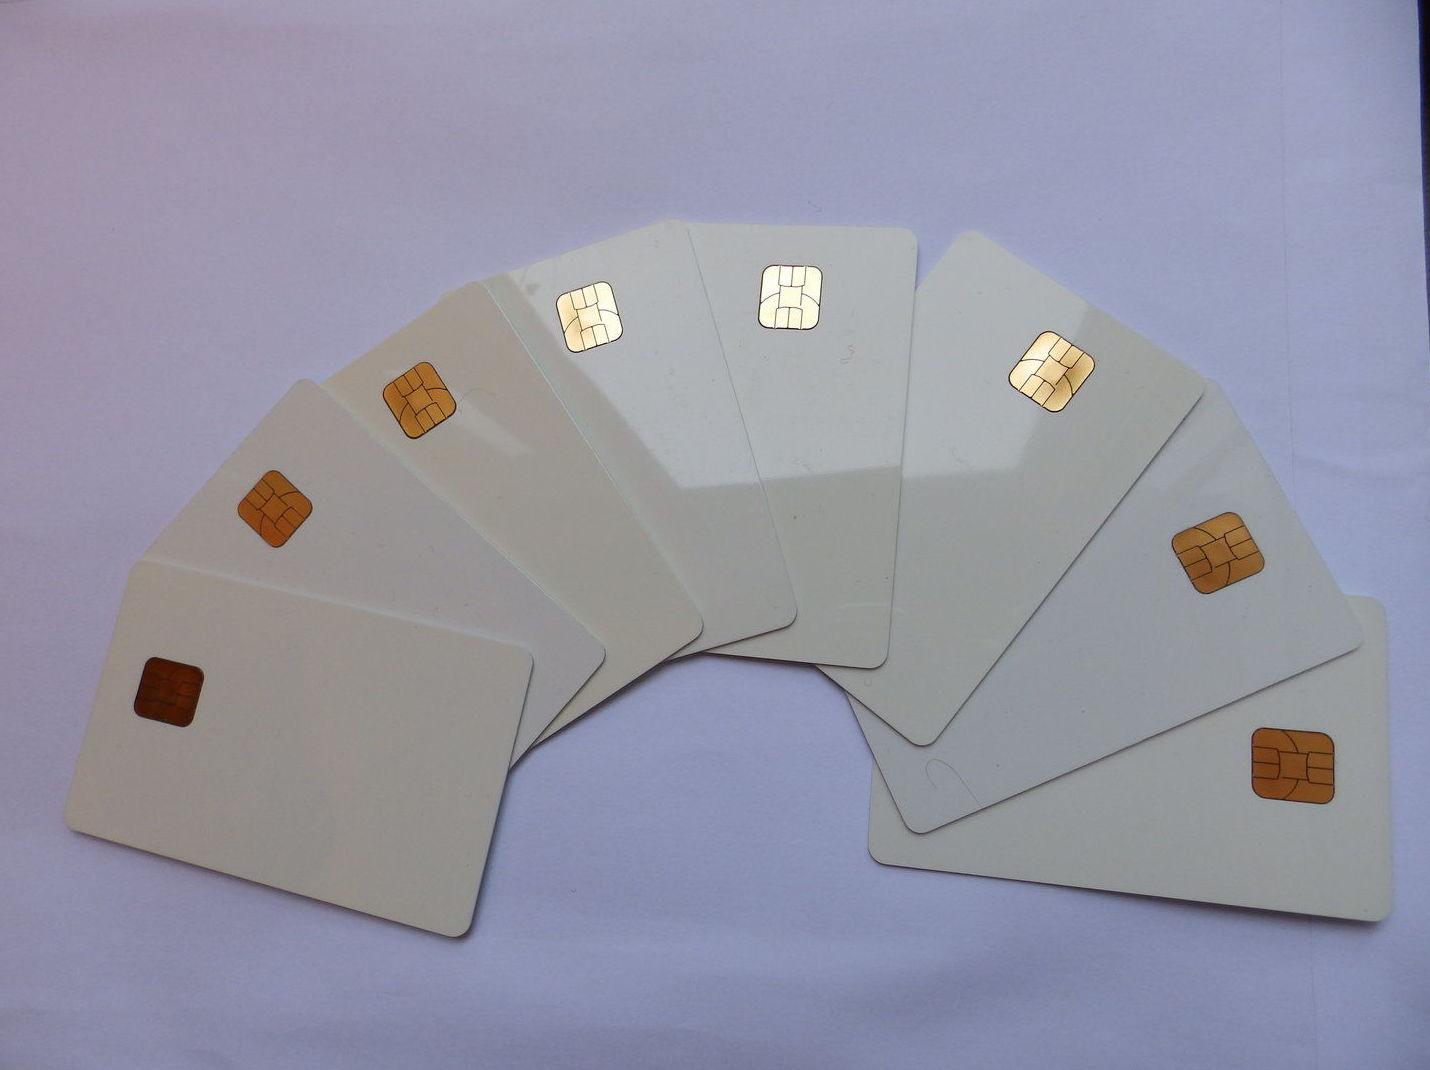 Tarjetas de PVC smartcards con chip de contacto  Madrid http://www.solutarmadrid.es/es/